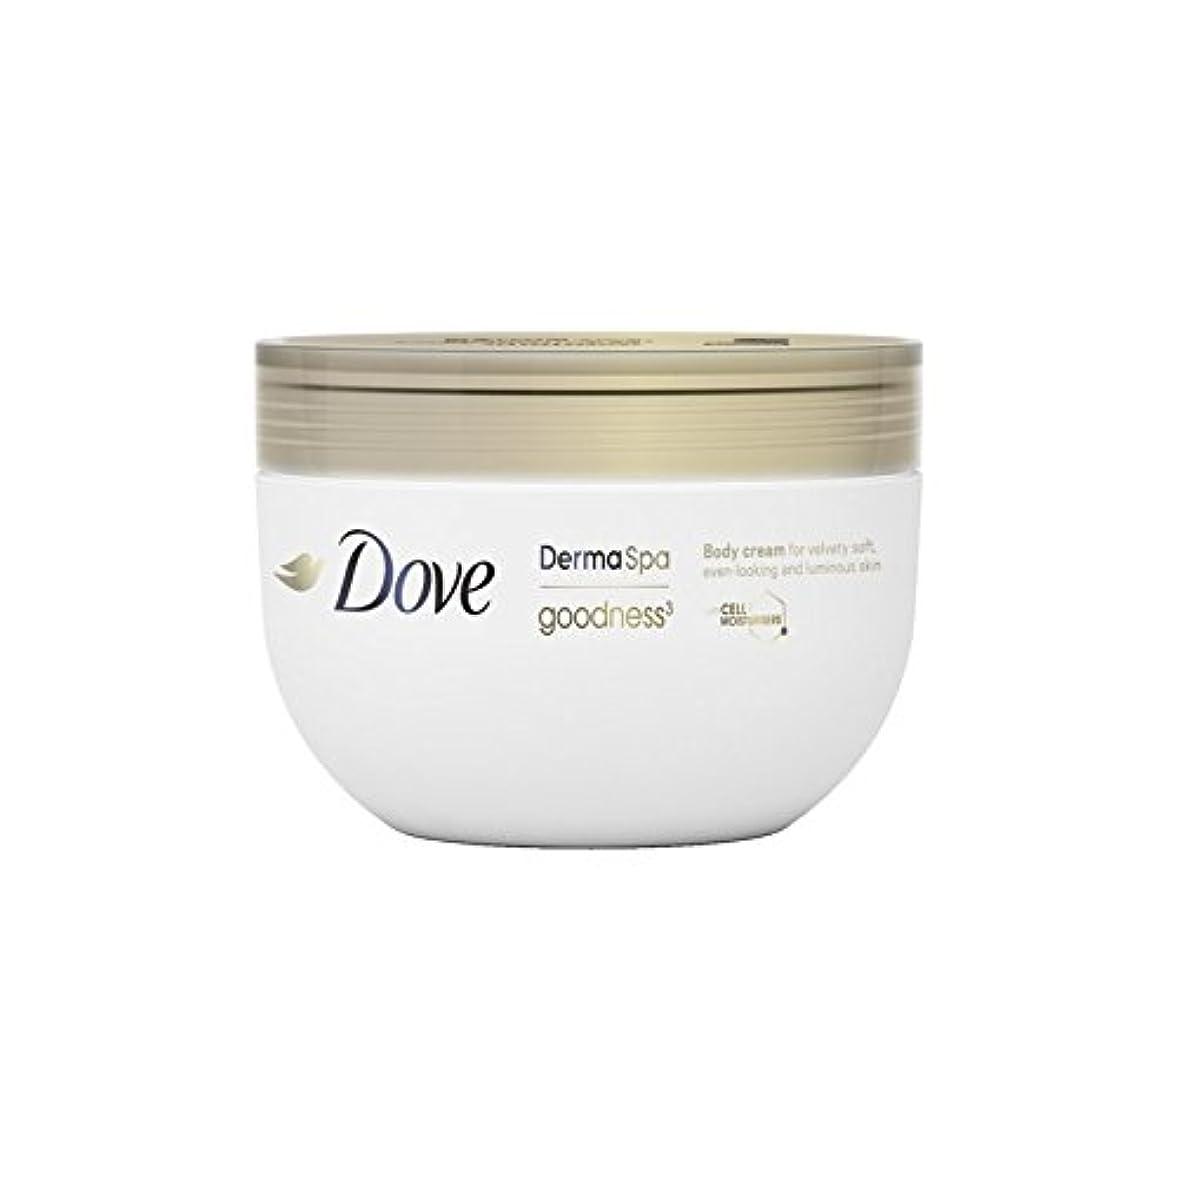 Dove DermaSpa Goodness3 Body Cream (300ml) - 鳩の3ボディクリーム(300ミリリットル) [並行輸入品]